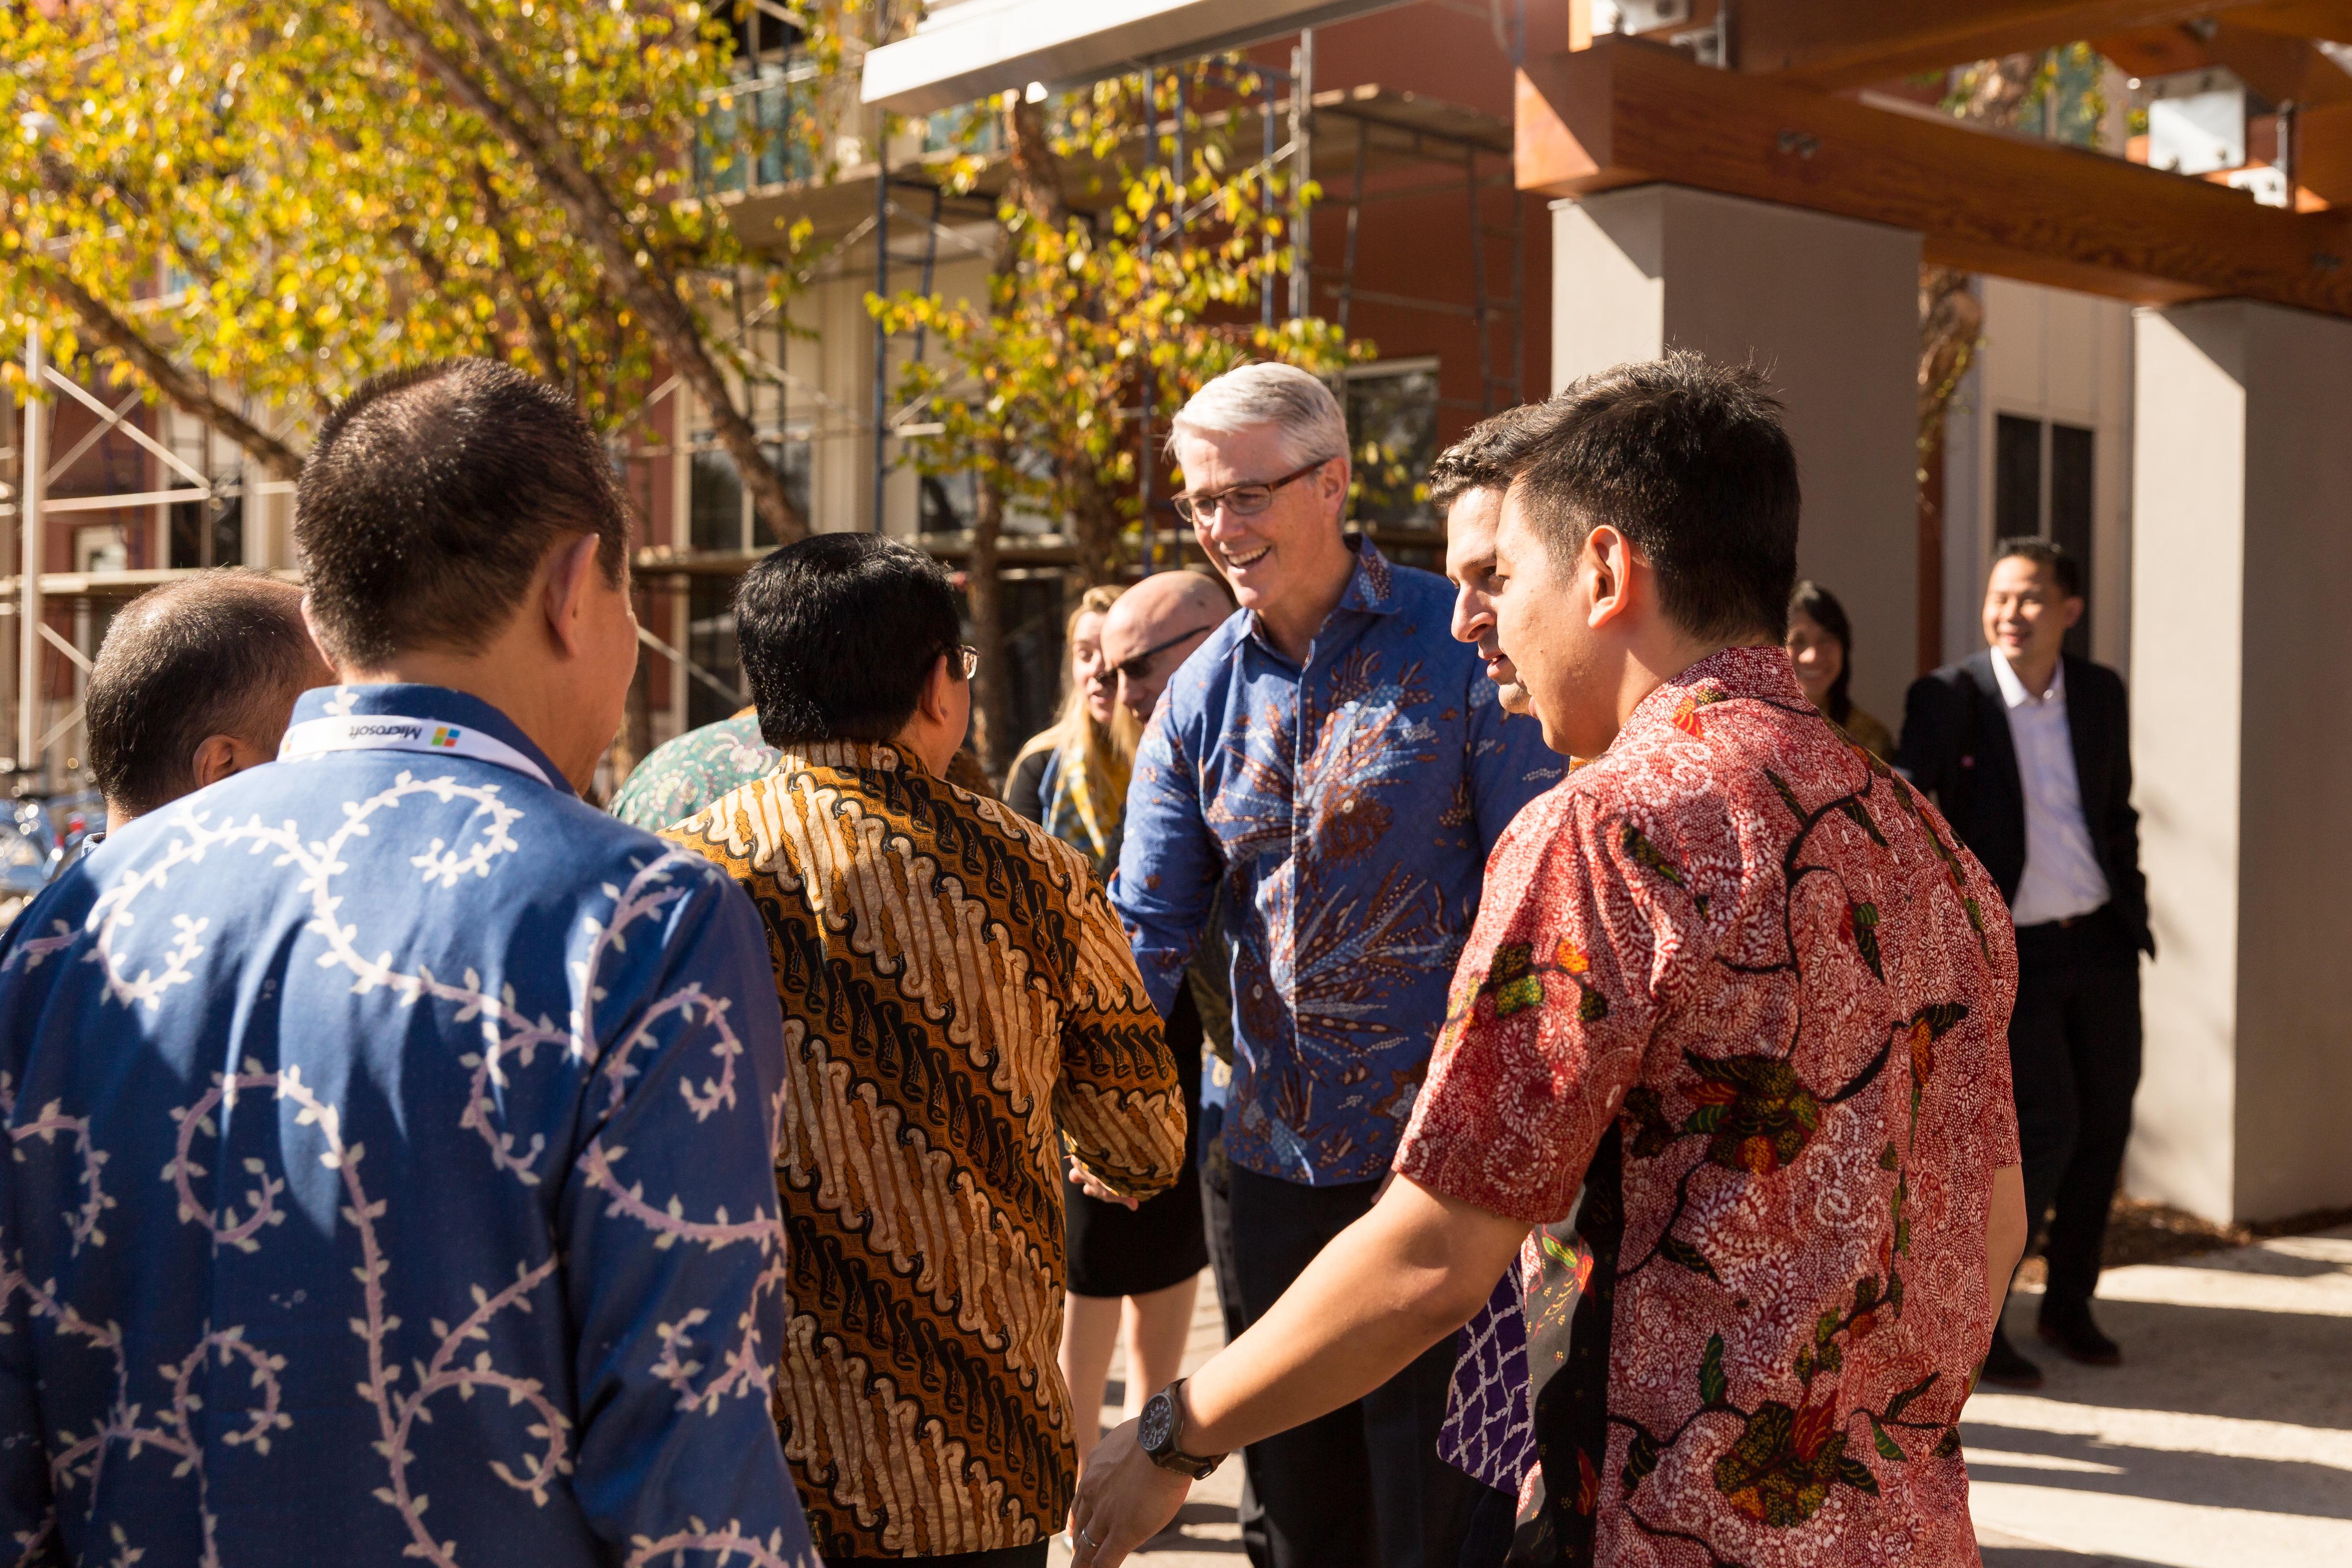 Indo delegation visit to SV - 76 of 115